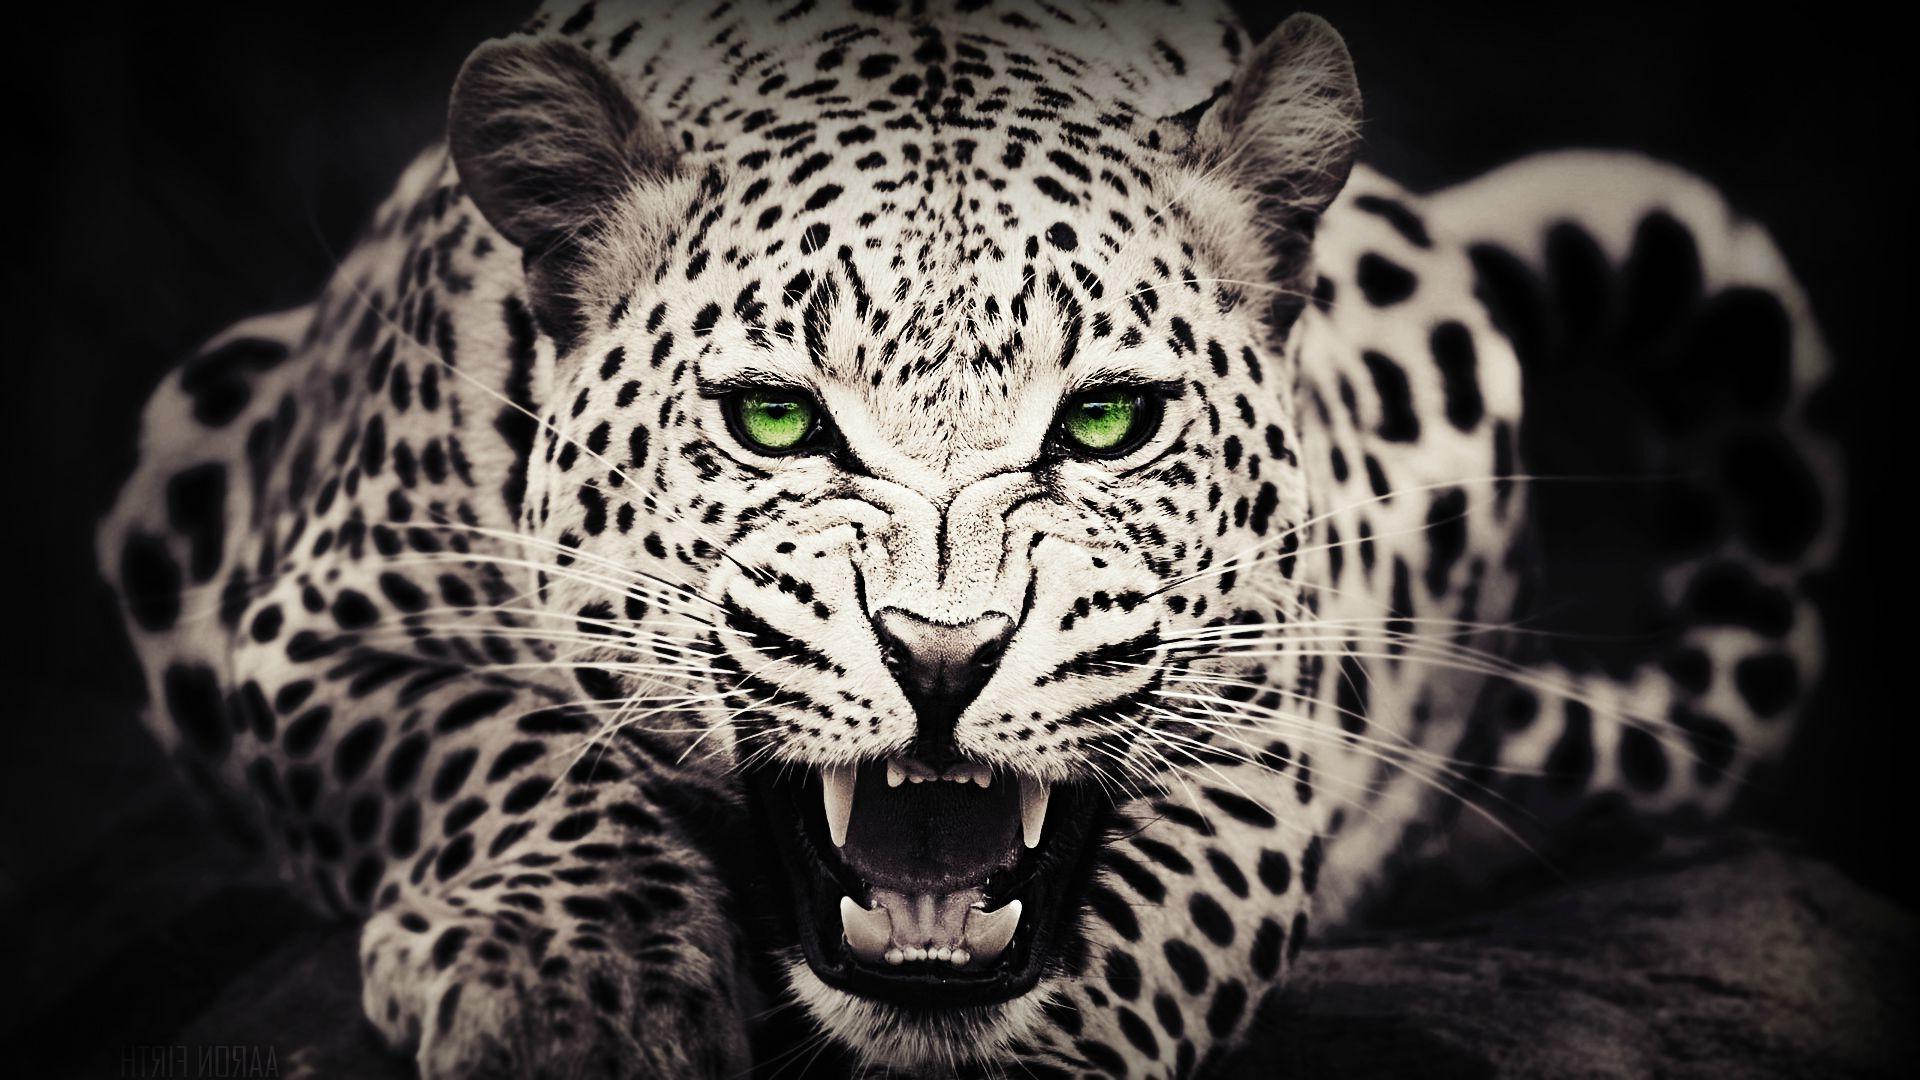 fond d 39 cran animaux monochrome yeux verts faune gros chats moustaches l opard jaguar. Black Bedroom Furniture Sets. Home Design Ideas